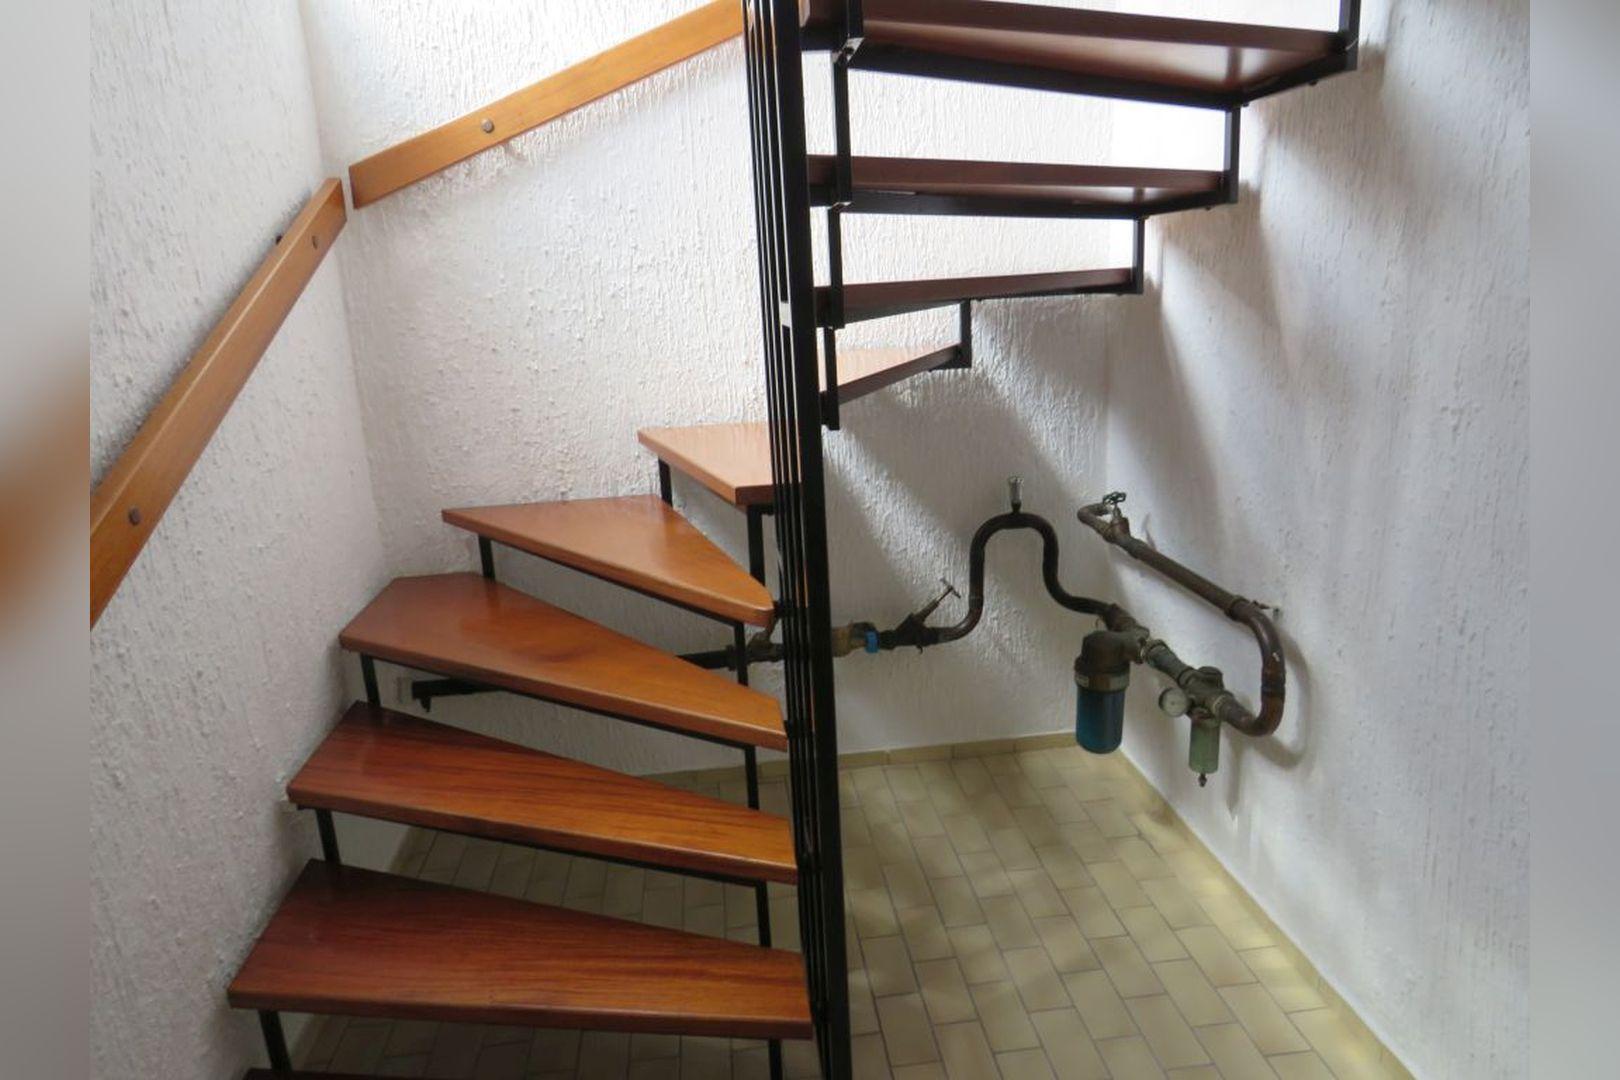 Immobilie Nr.0260 - Einfamilienhaus, zum 2-FH erweiterbar. Spitzboden als zusätzl. Ausbaureserve - Bild 10.jpg